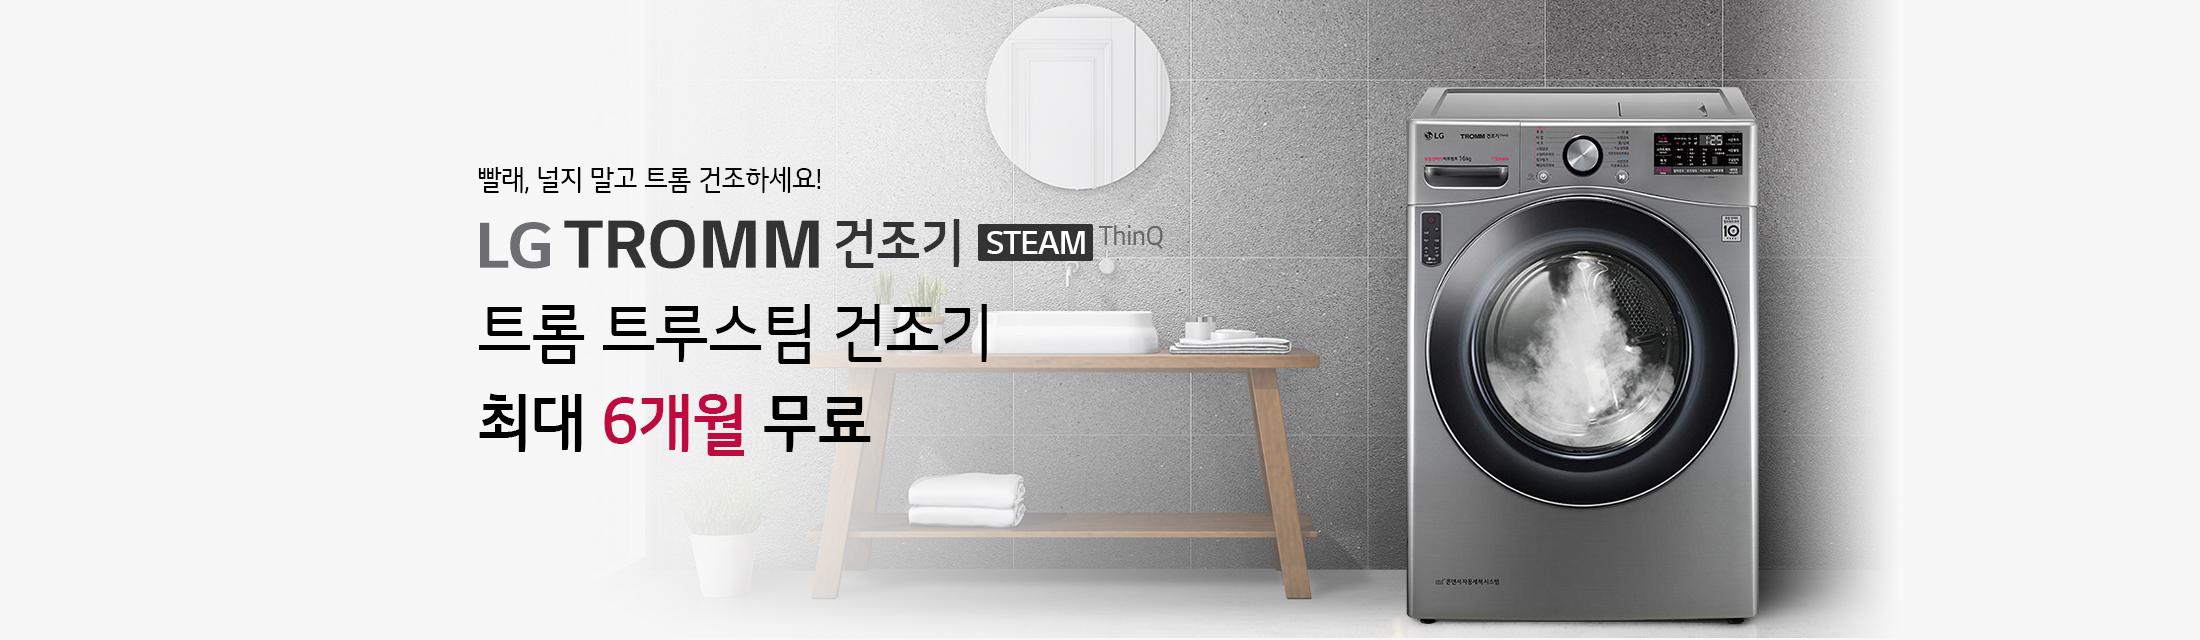 LG 트롬 트루스팀 건조기 최대 6개월 무료